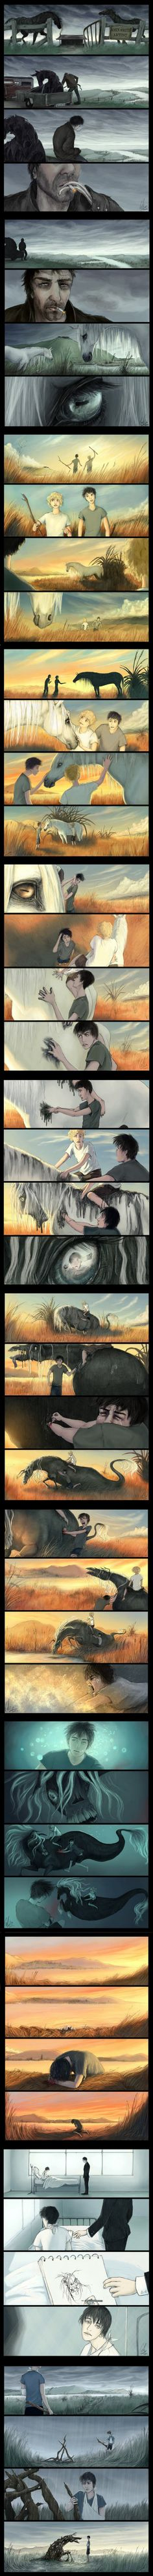 love this comic ... Kelpies: Scottish death horses